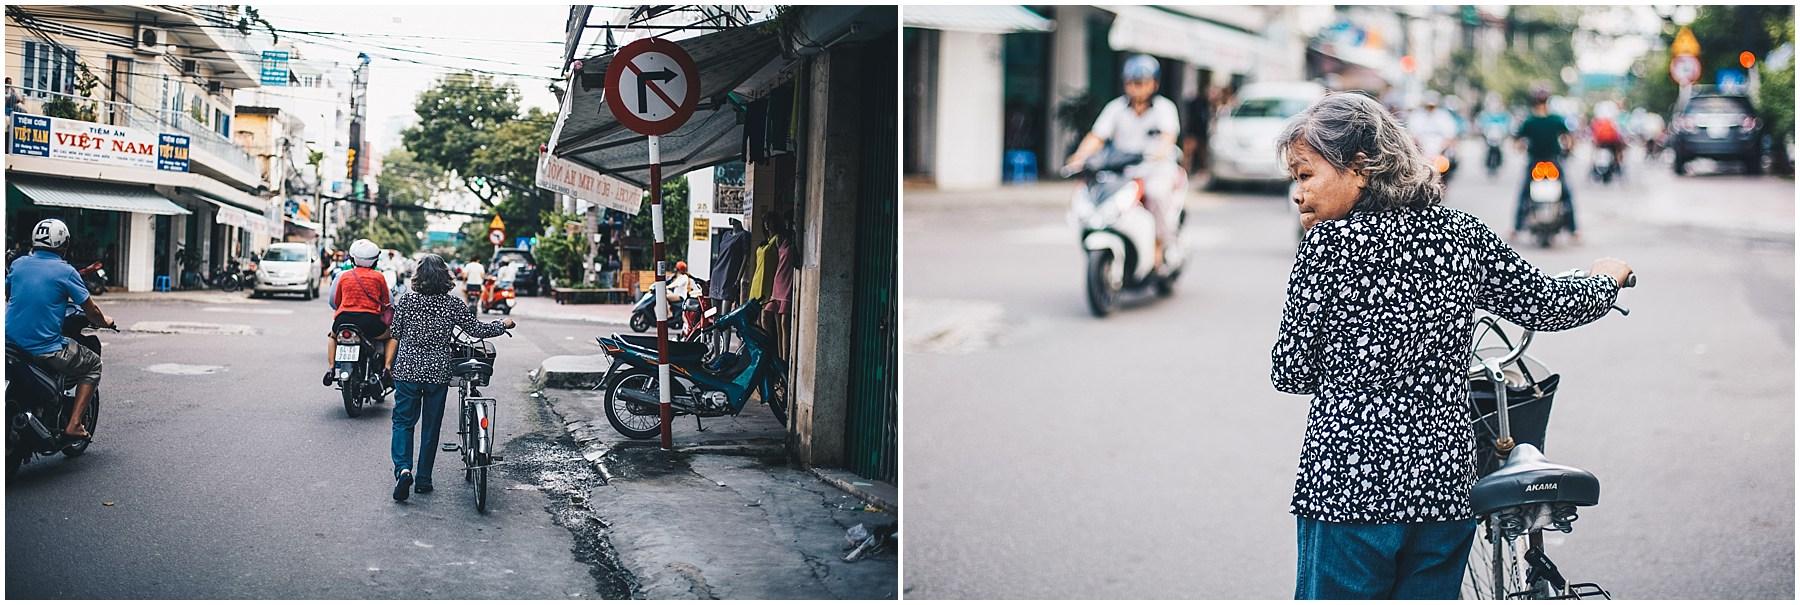 Nha Trang_0062.jpg